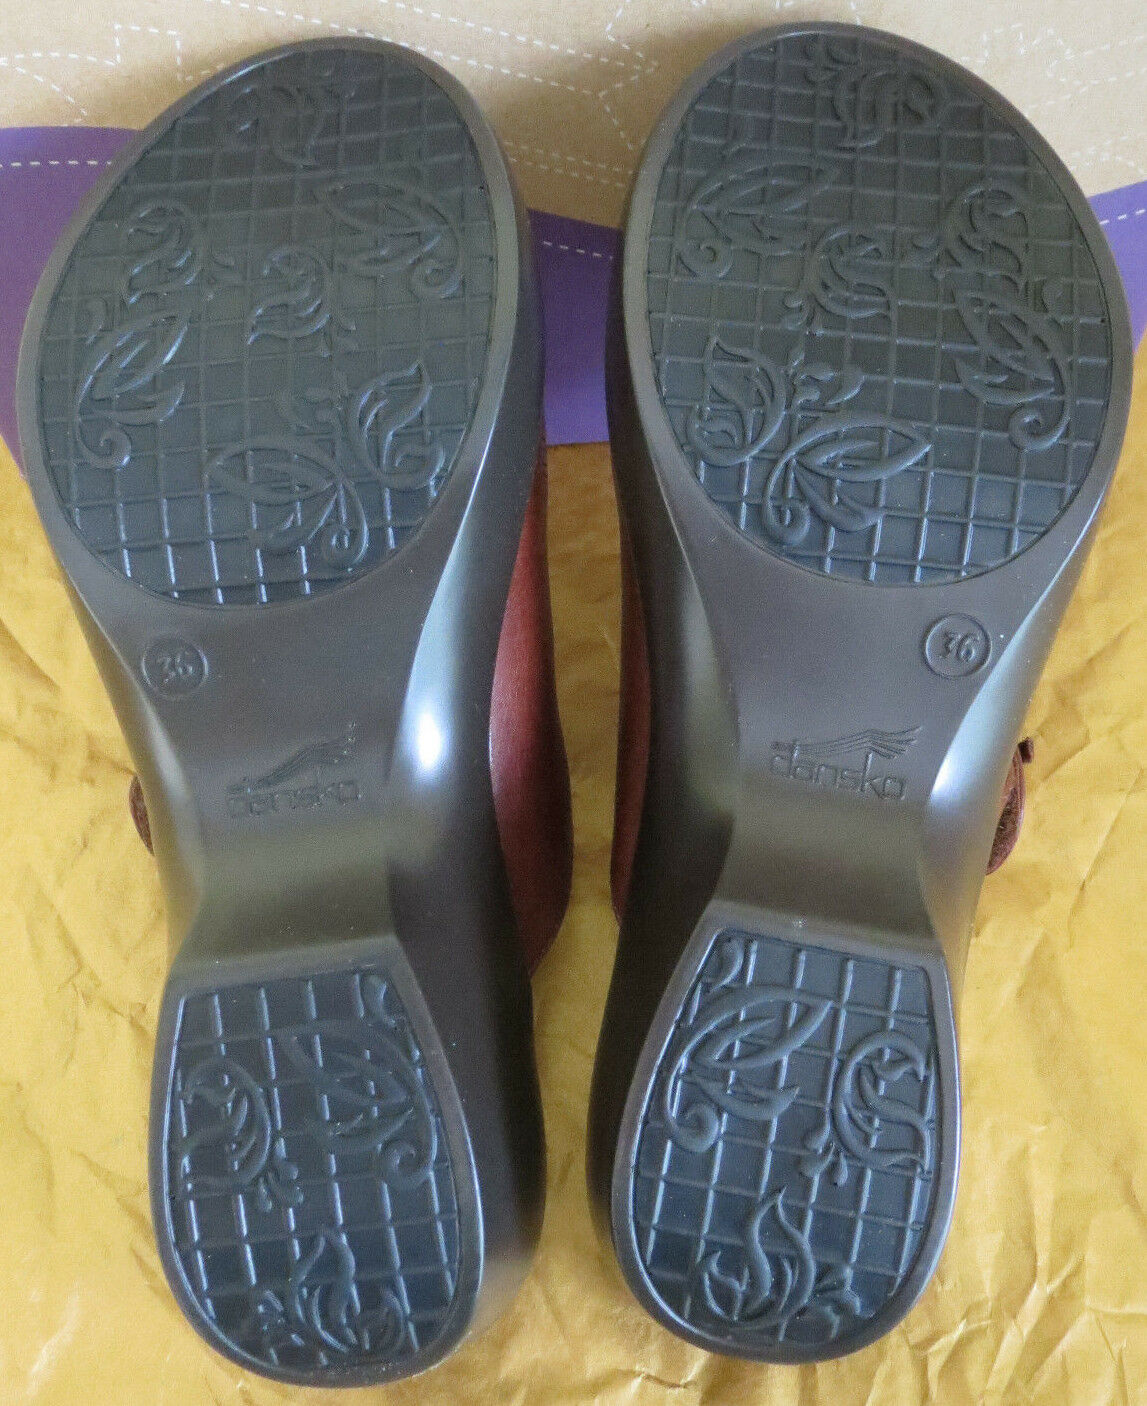 NIB Dansko Damenschuhe Damenschuhe Burnished Full 6 Grain Clog Slipper Schuhes 36 US 6 Full Braun f2afd4